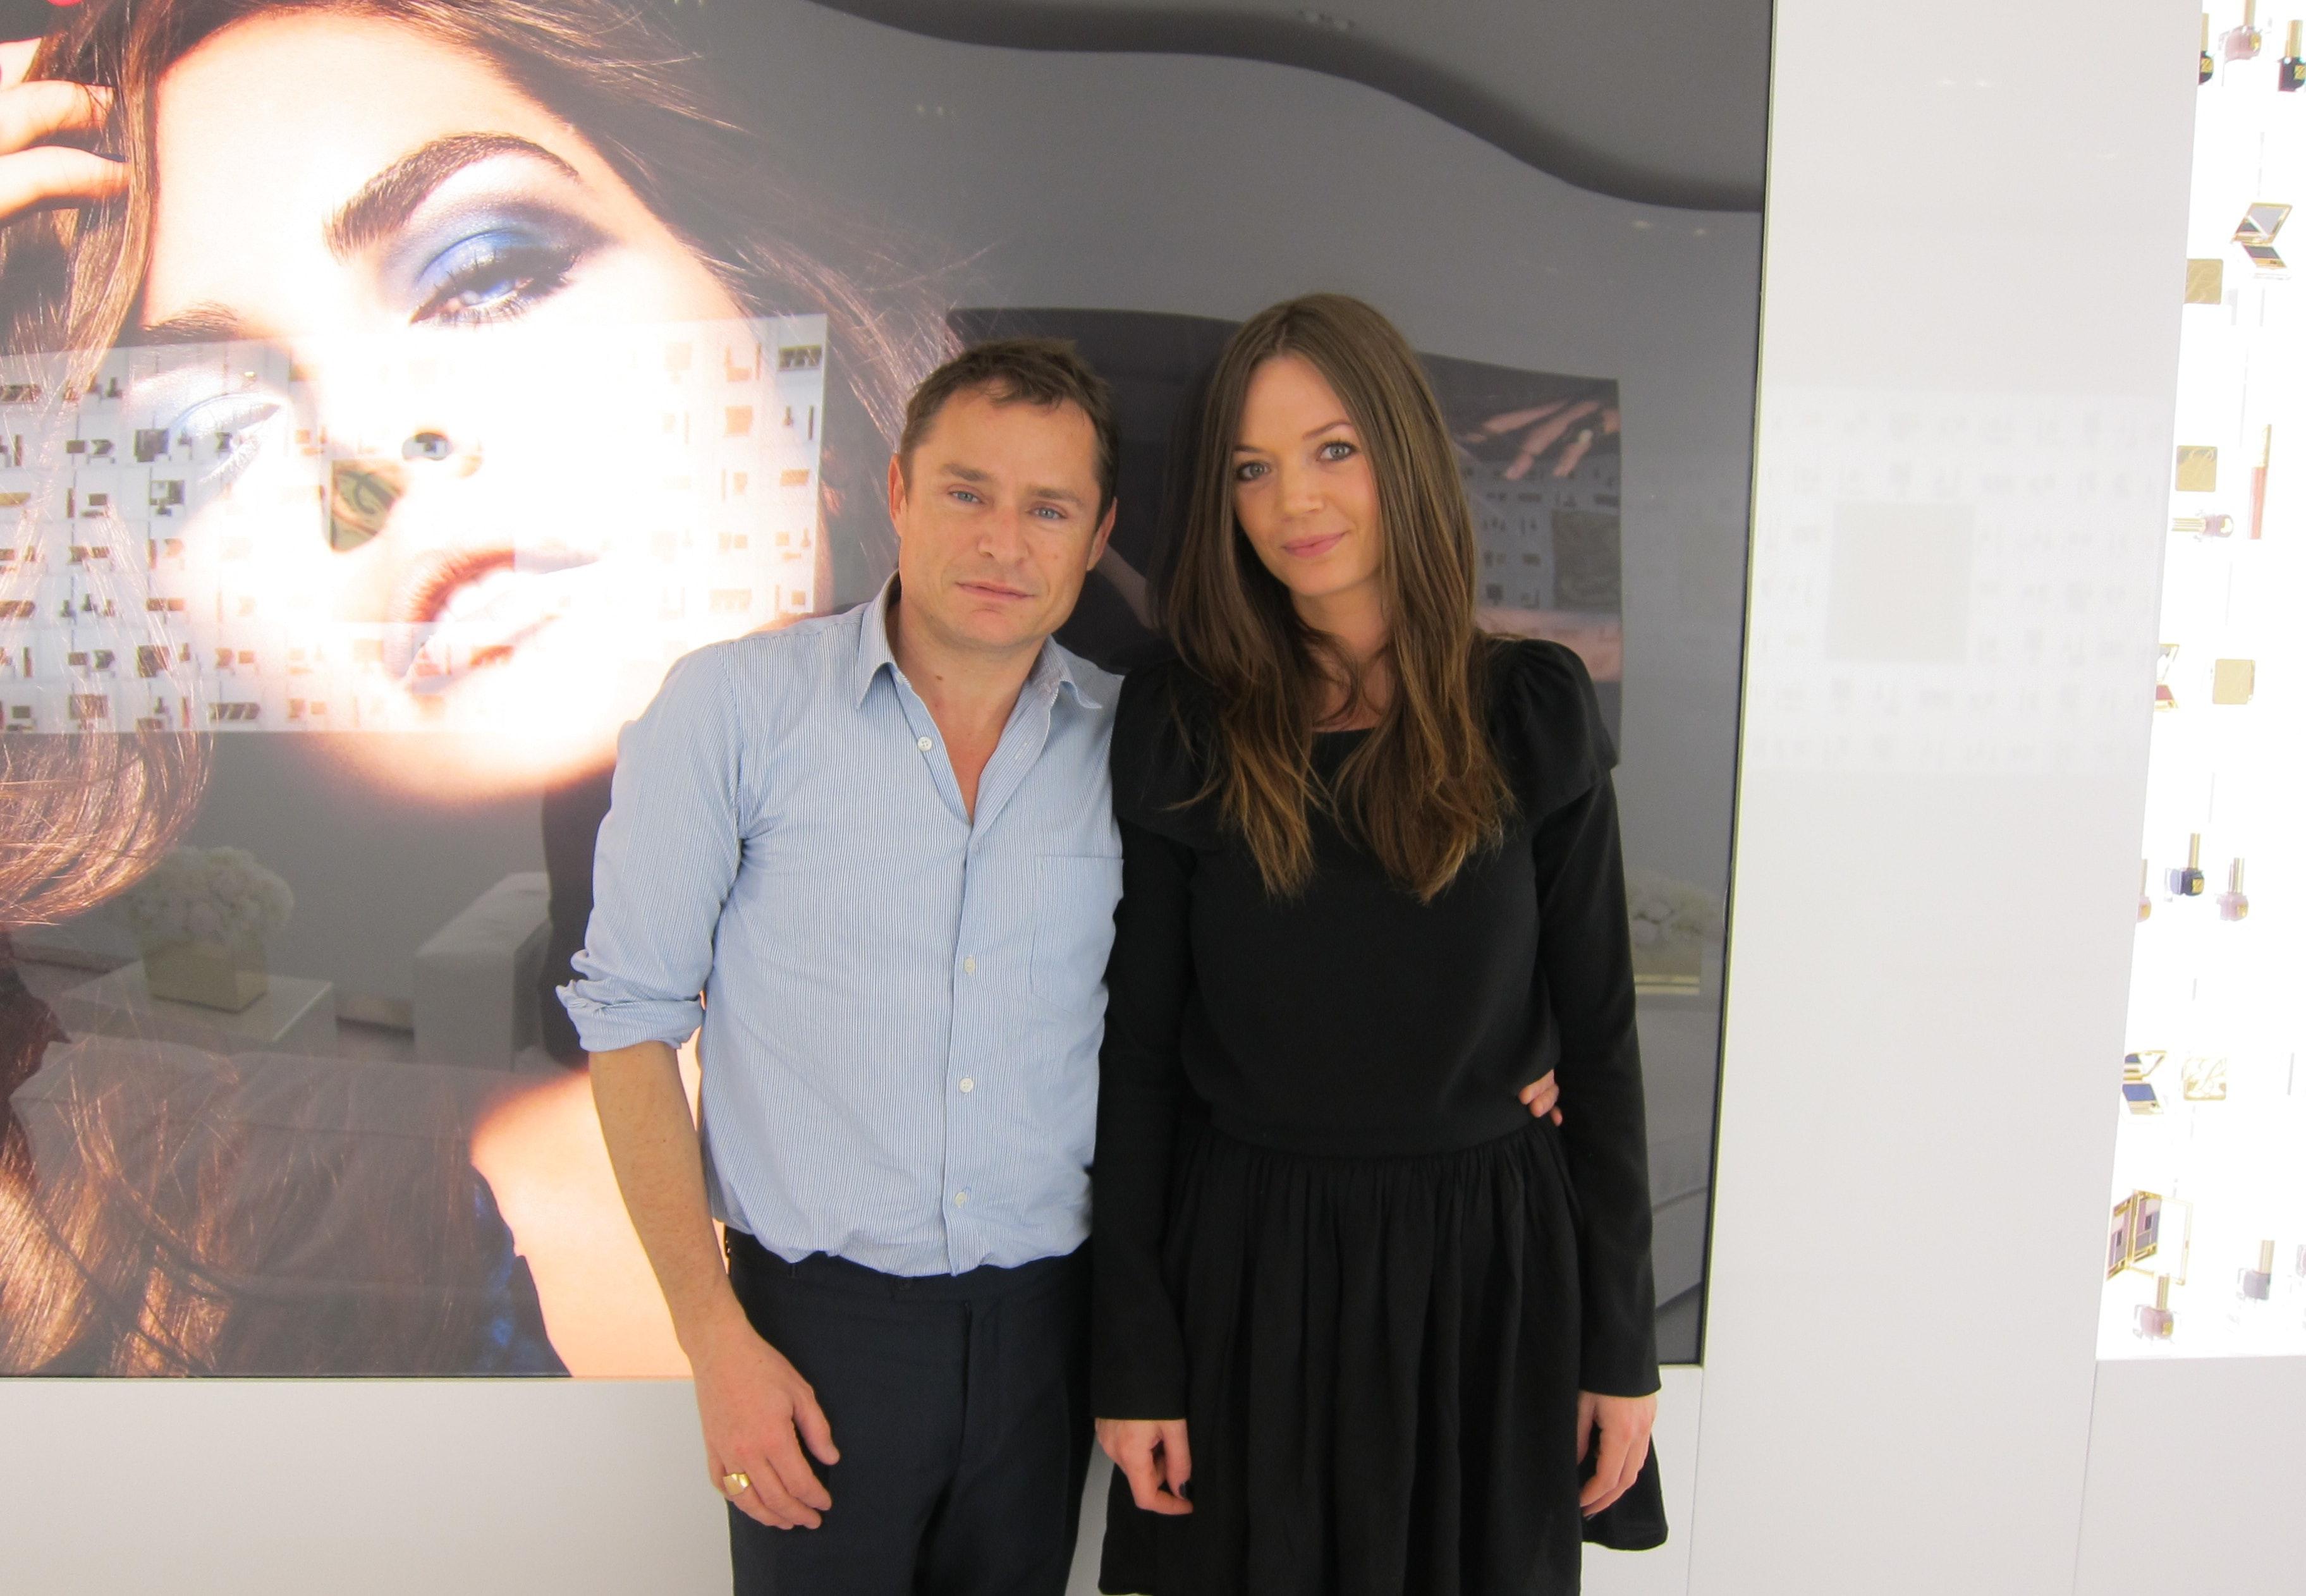 Her står jeg med Tom Peacheux efter en lang snak om makeup-tips, Estée Lauders fremtid og efterårets skønhedstendenser. Jeg husker tydeligt, hvordan jeg, da jeg startede som makeup-artist i 2003, slugte alt hans arbejde r&arin...